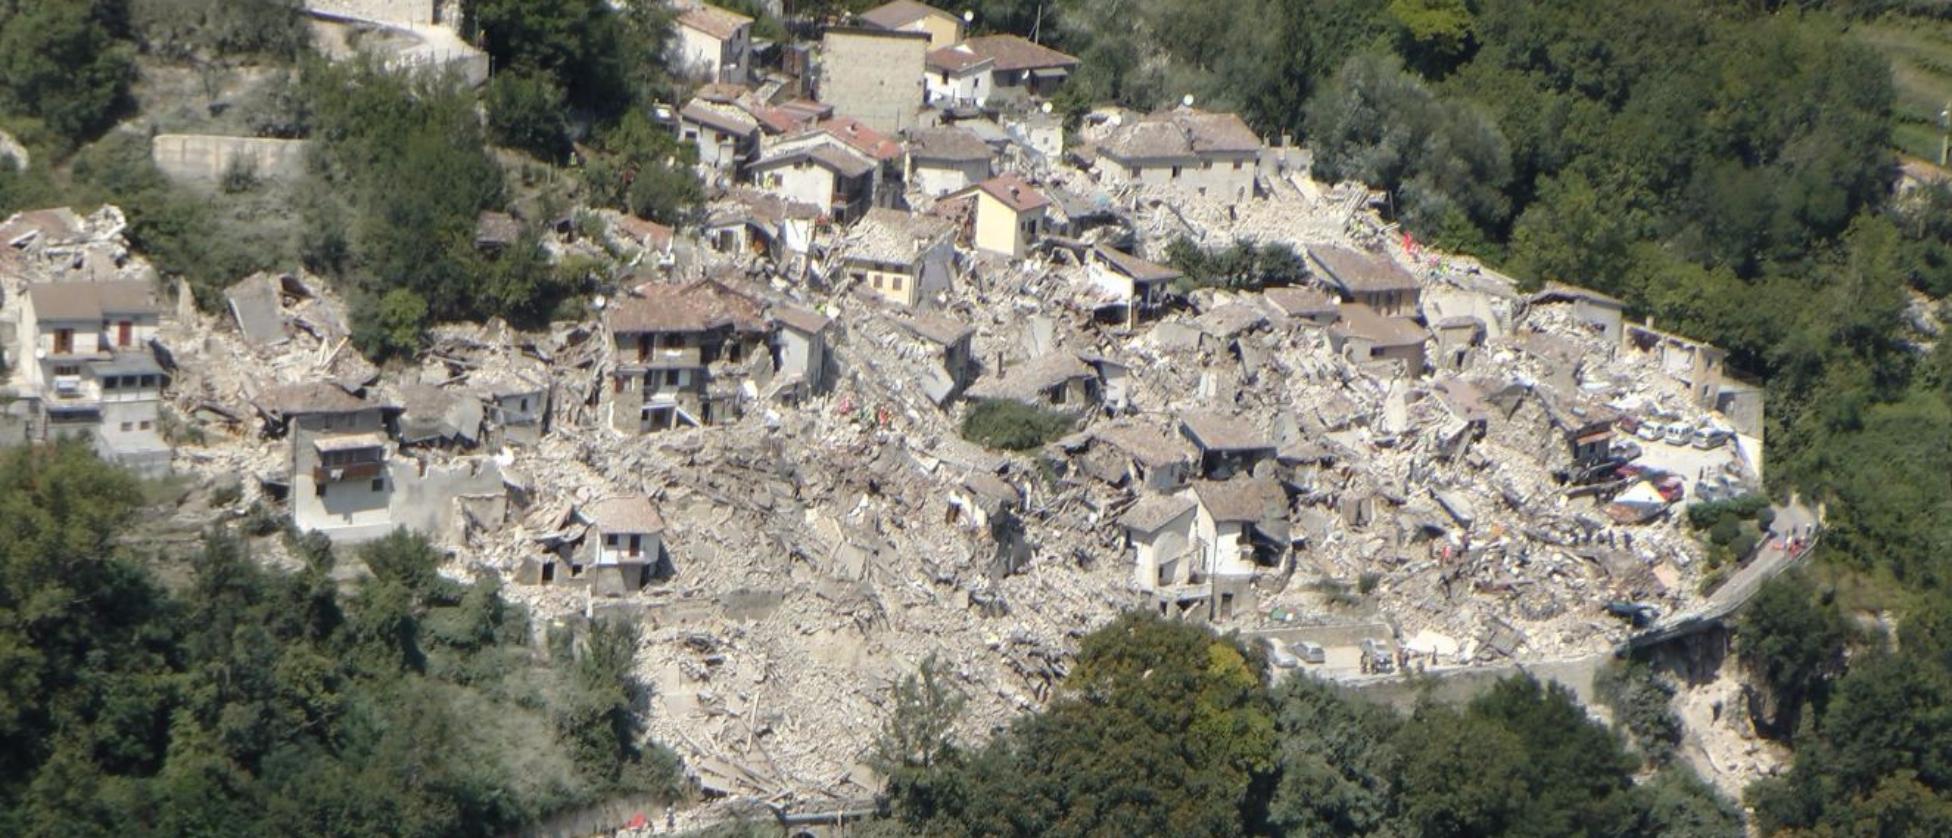 Forte terremoto nel Centro Italia, epicentro in Umbria| Gente sotto le macerie, il sindaco di Amatrice:  Il Paese non c è più